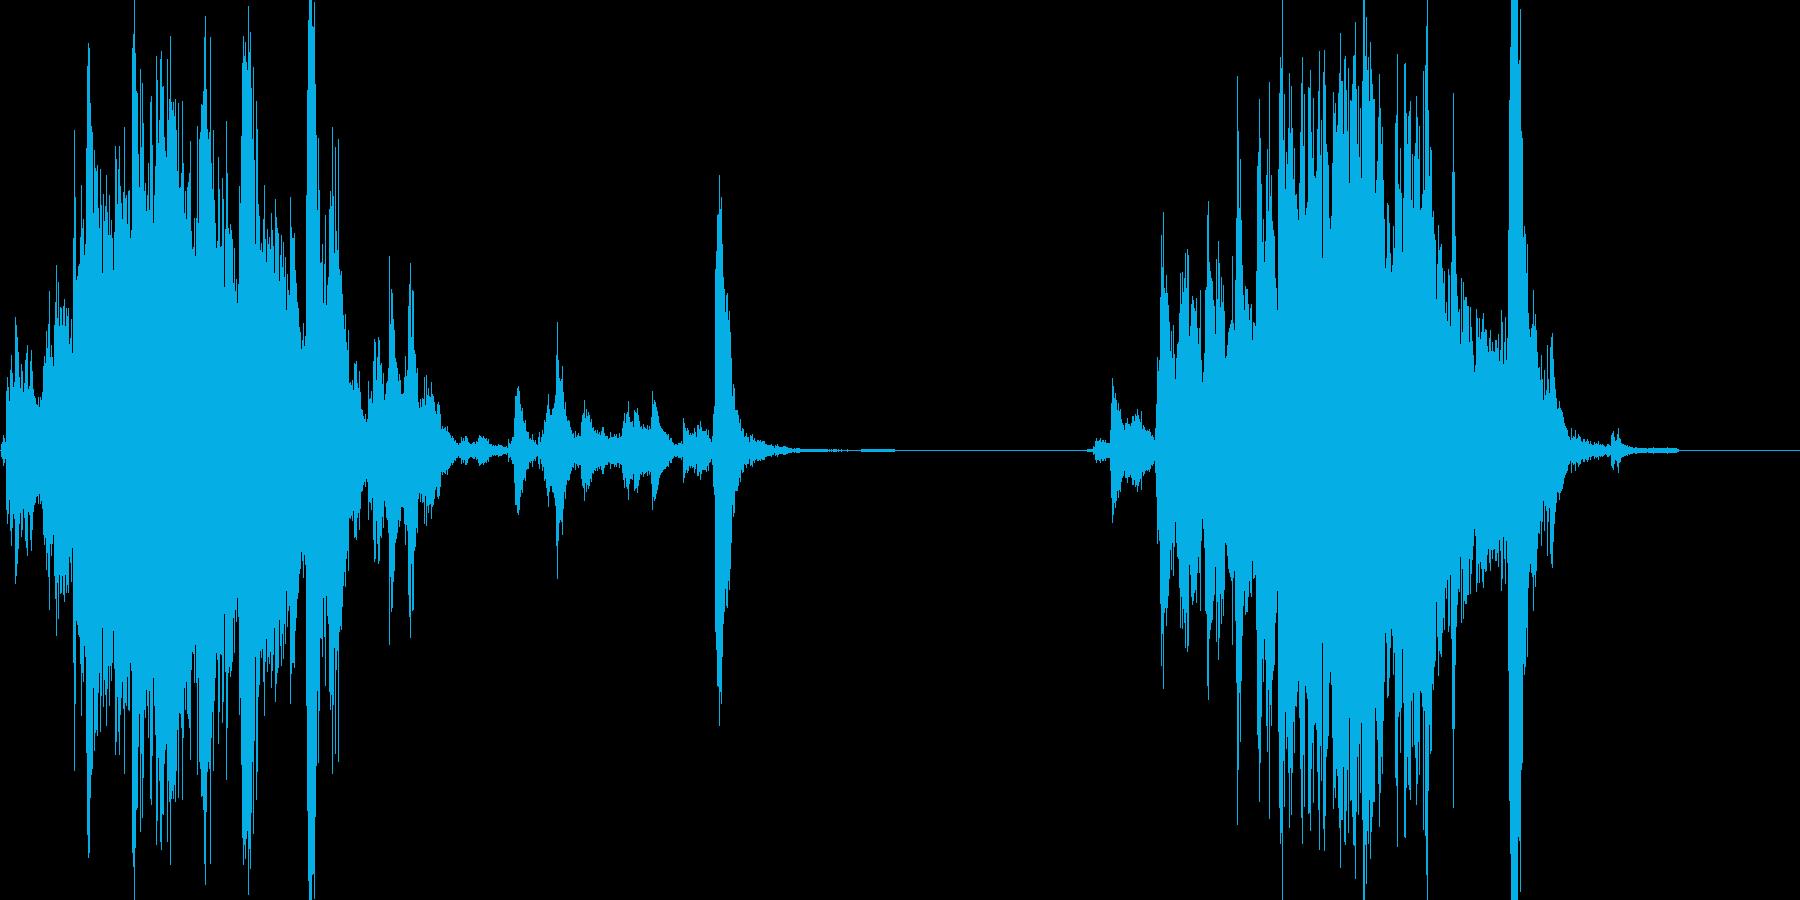 シャッターをガラガラッと閉めて、開ける音の再生済みの波形